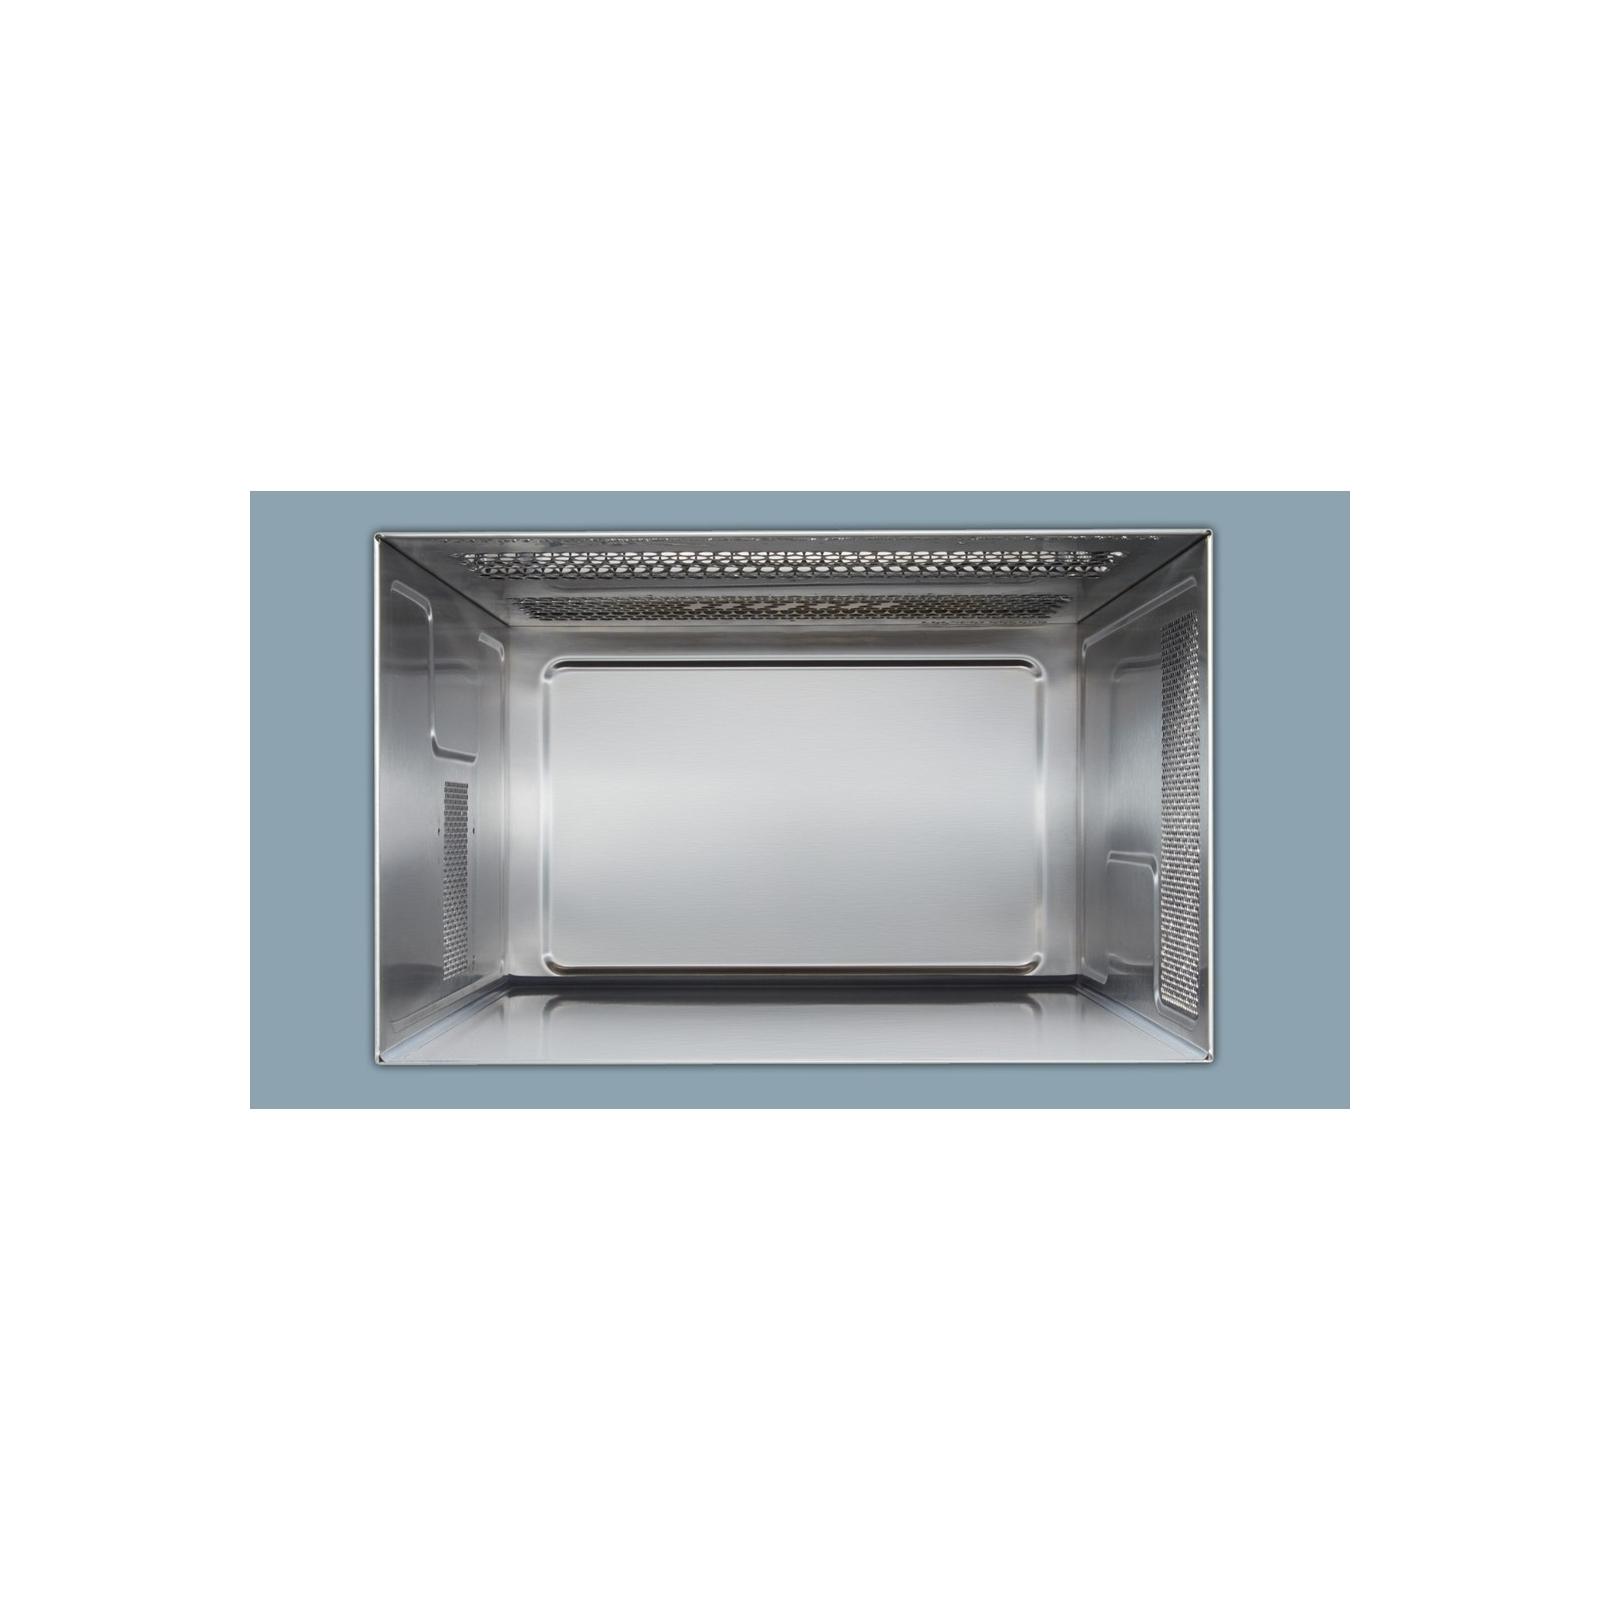 Микроволновая печь BOSCH BFR 634 GS1 (BFR634GS1) изображение 3